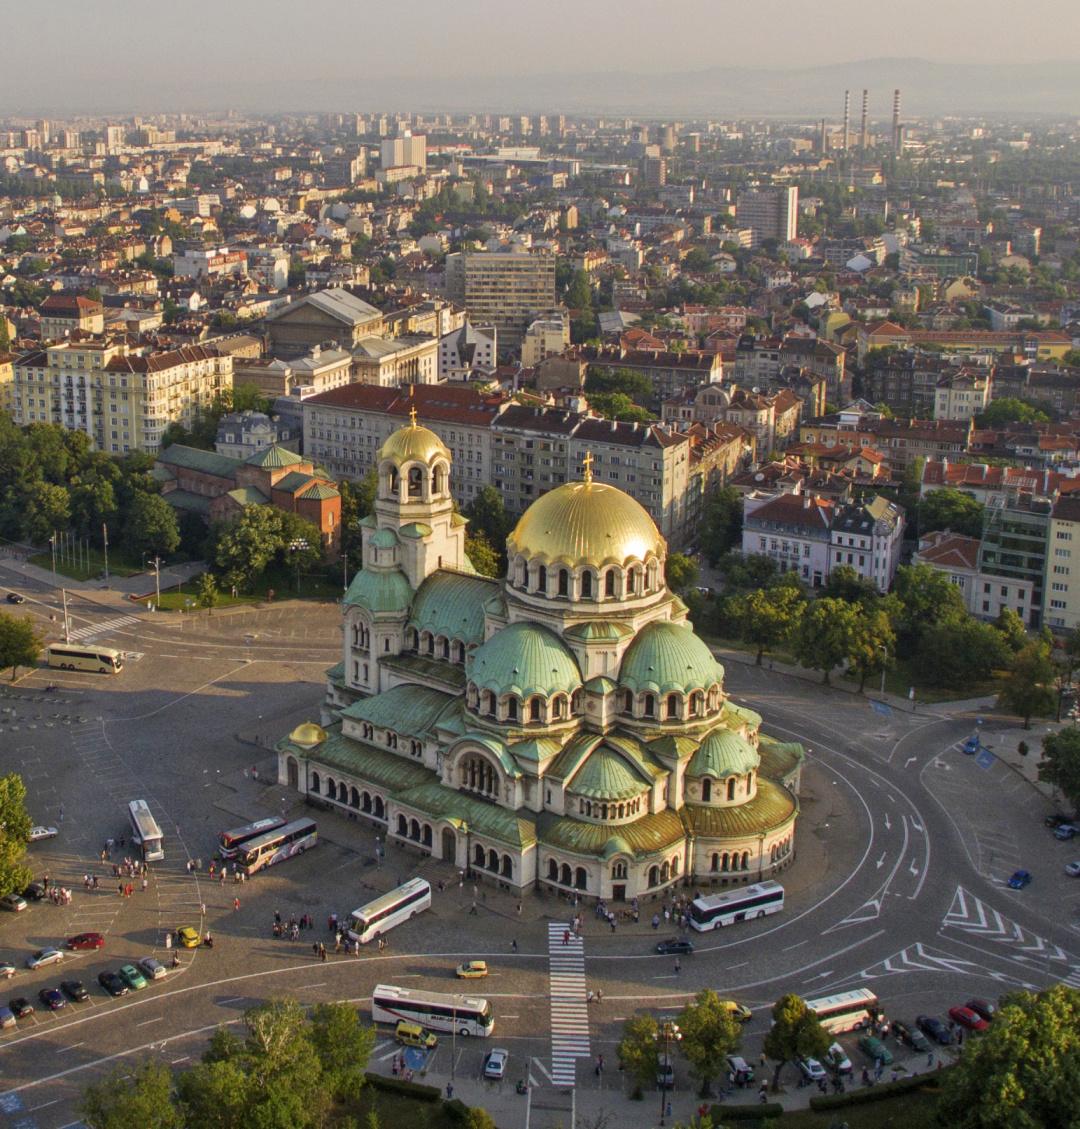 什么是塞尔维亚? | 地球知识局